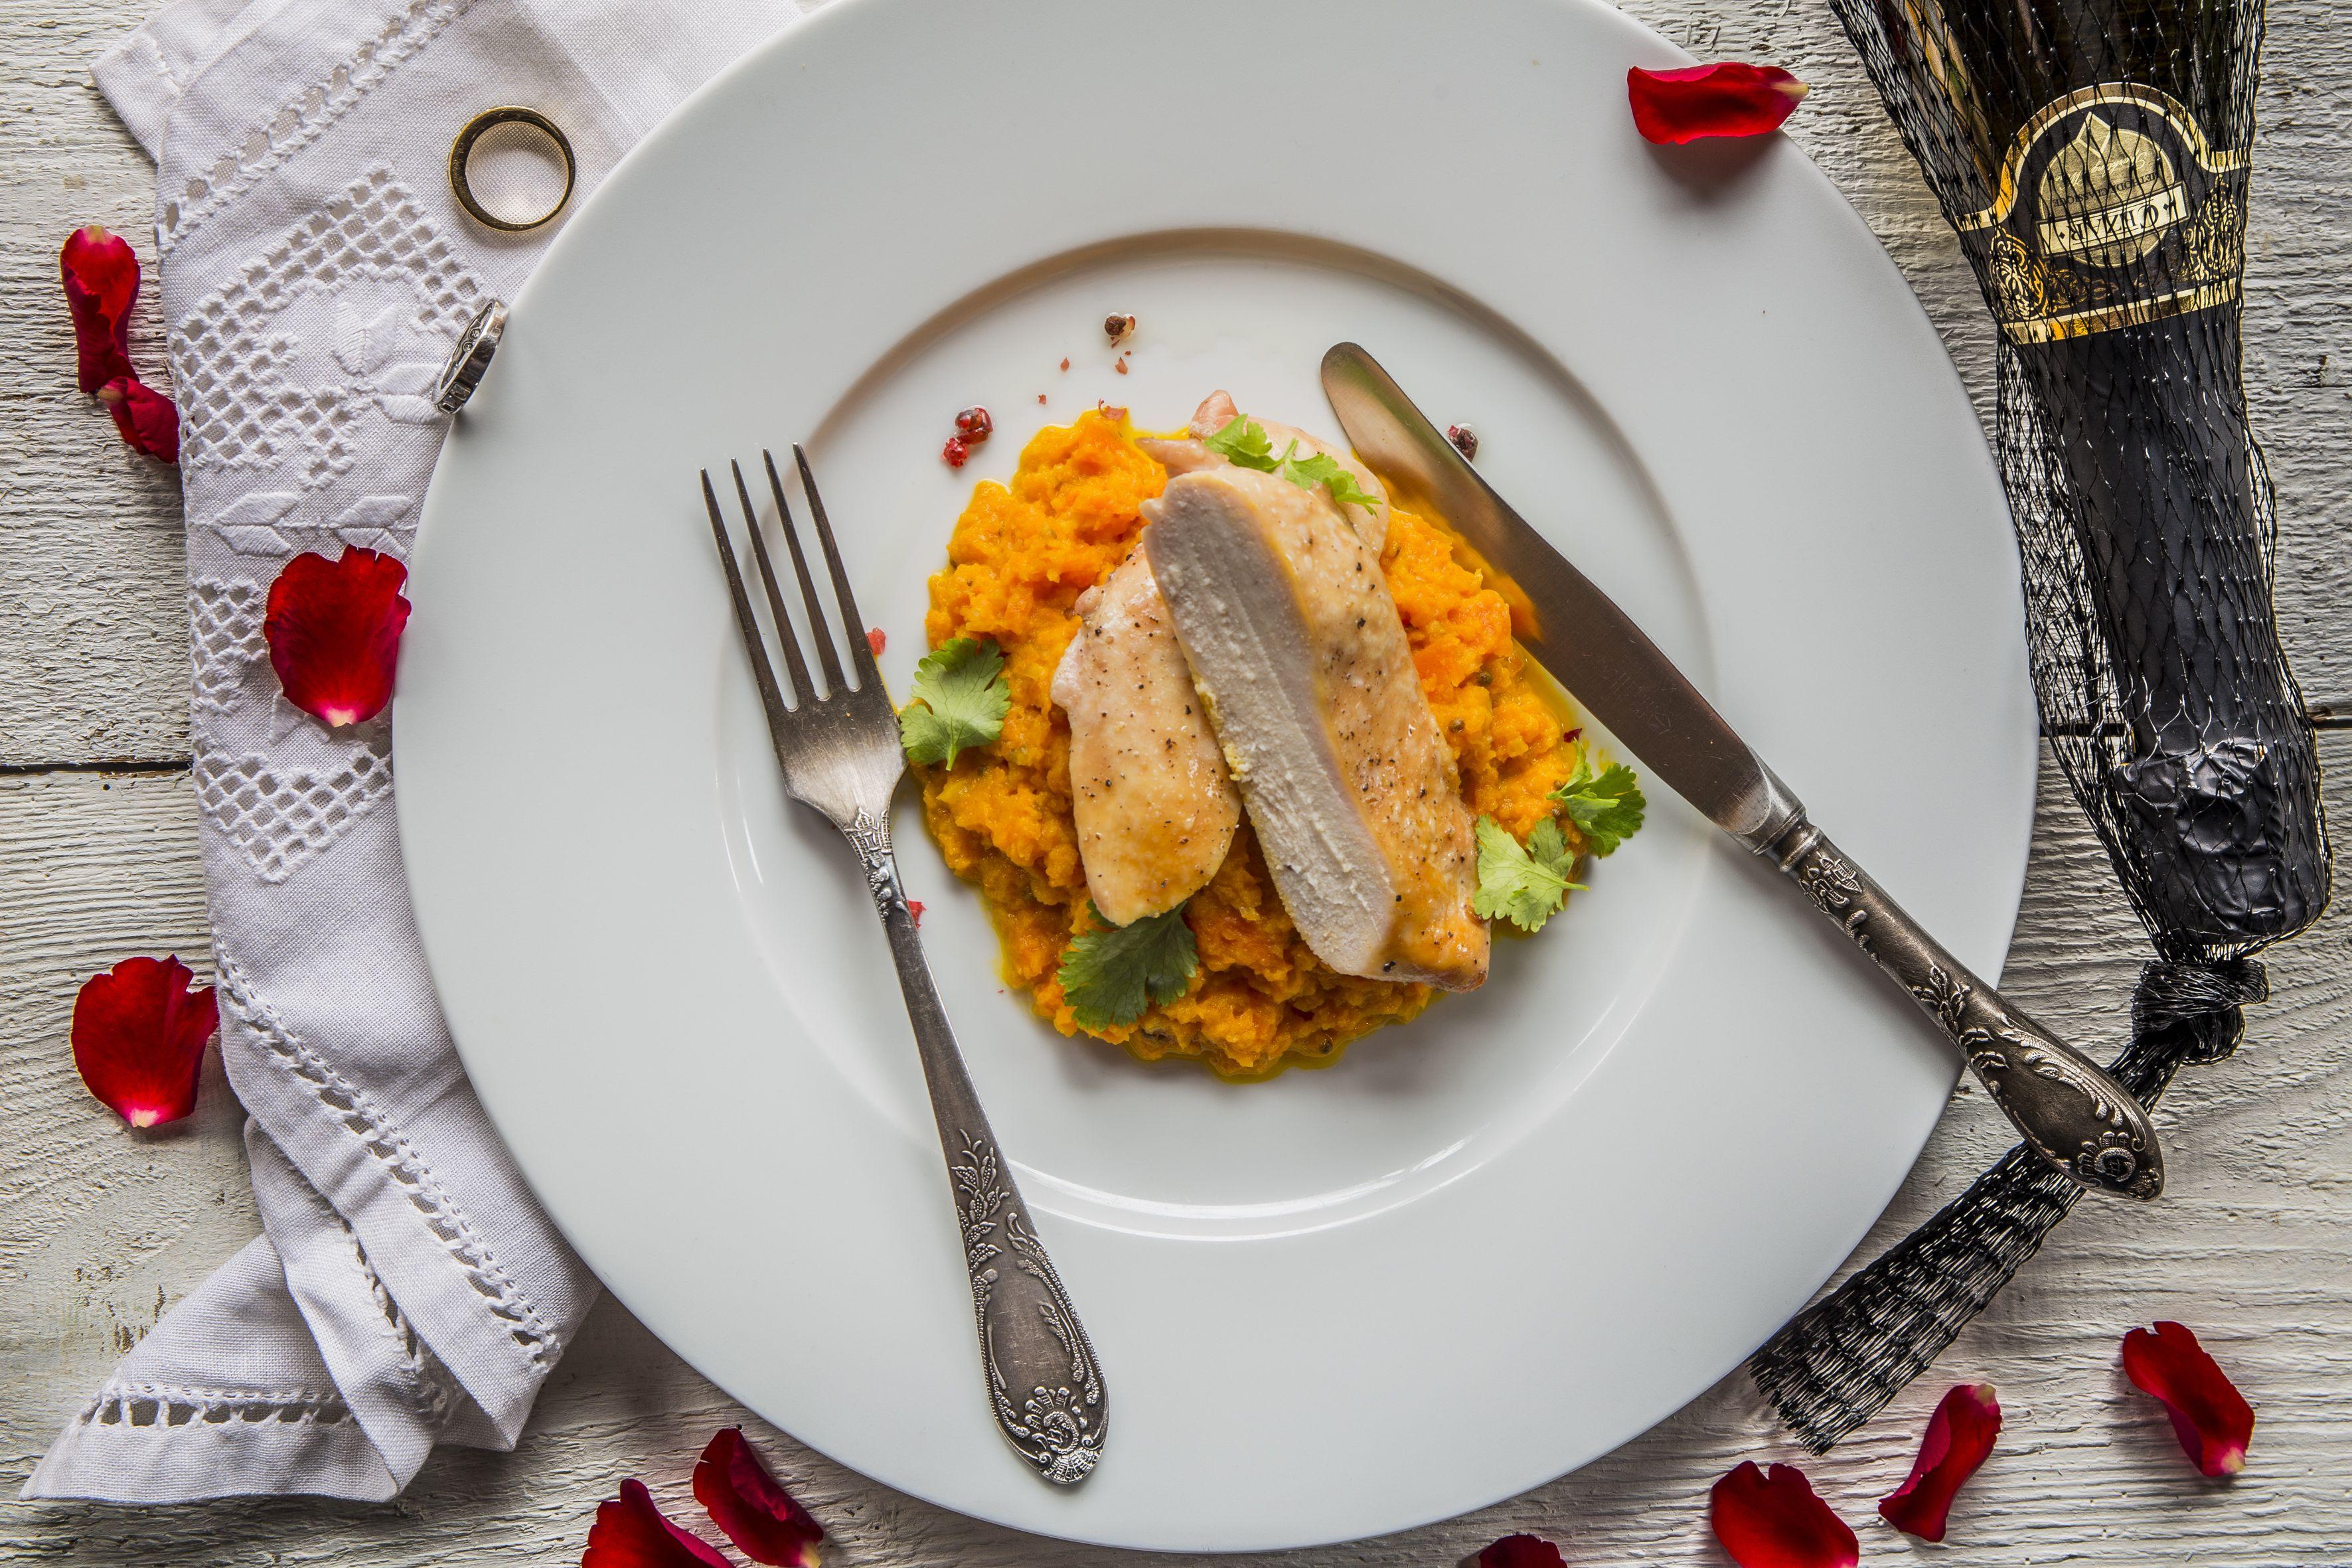 Zöldteával füstölt csirkemell - Food, Breakfast